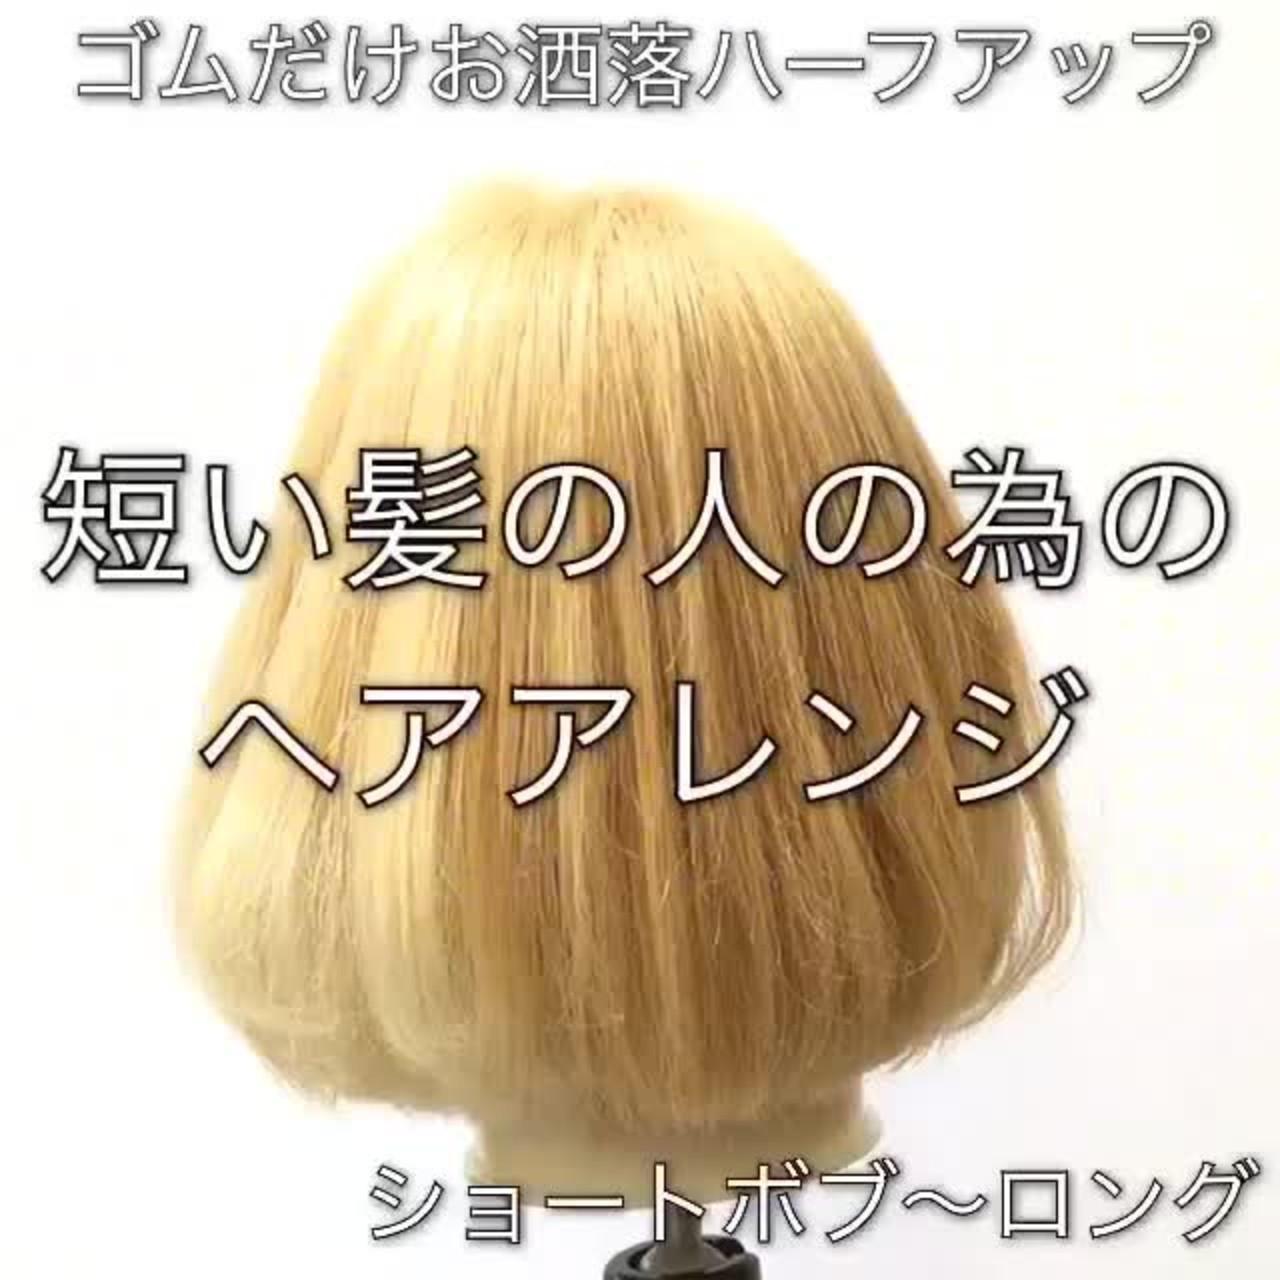 短い髪の人向け♡ハーフアップアレンジ 庄司 将之